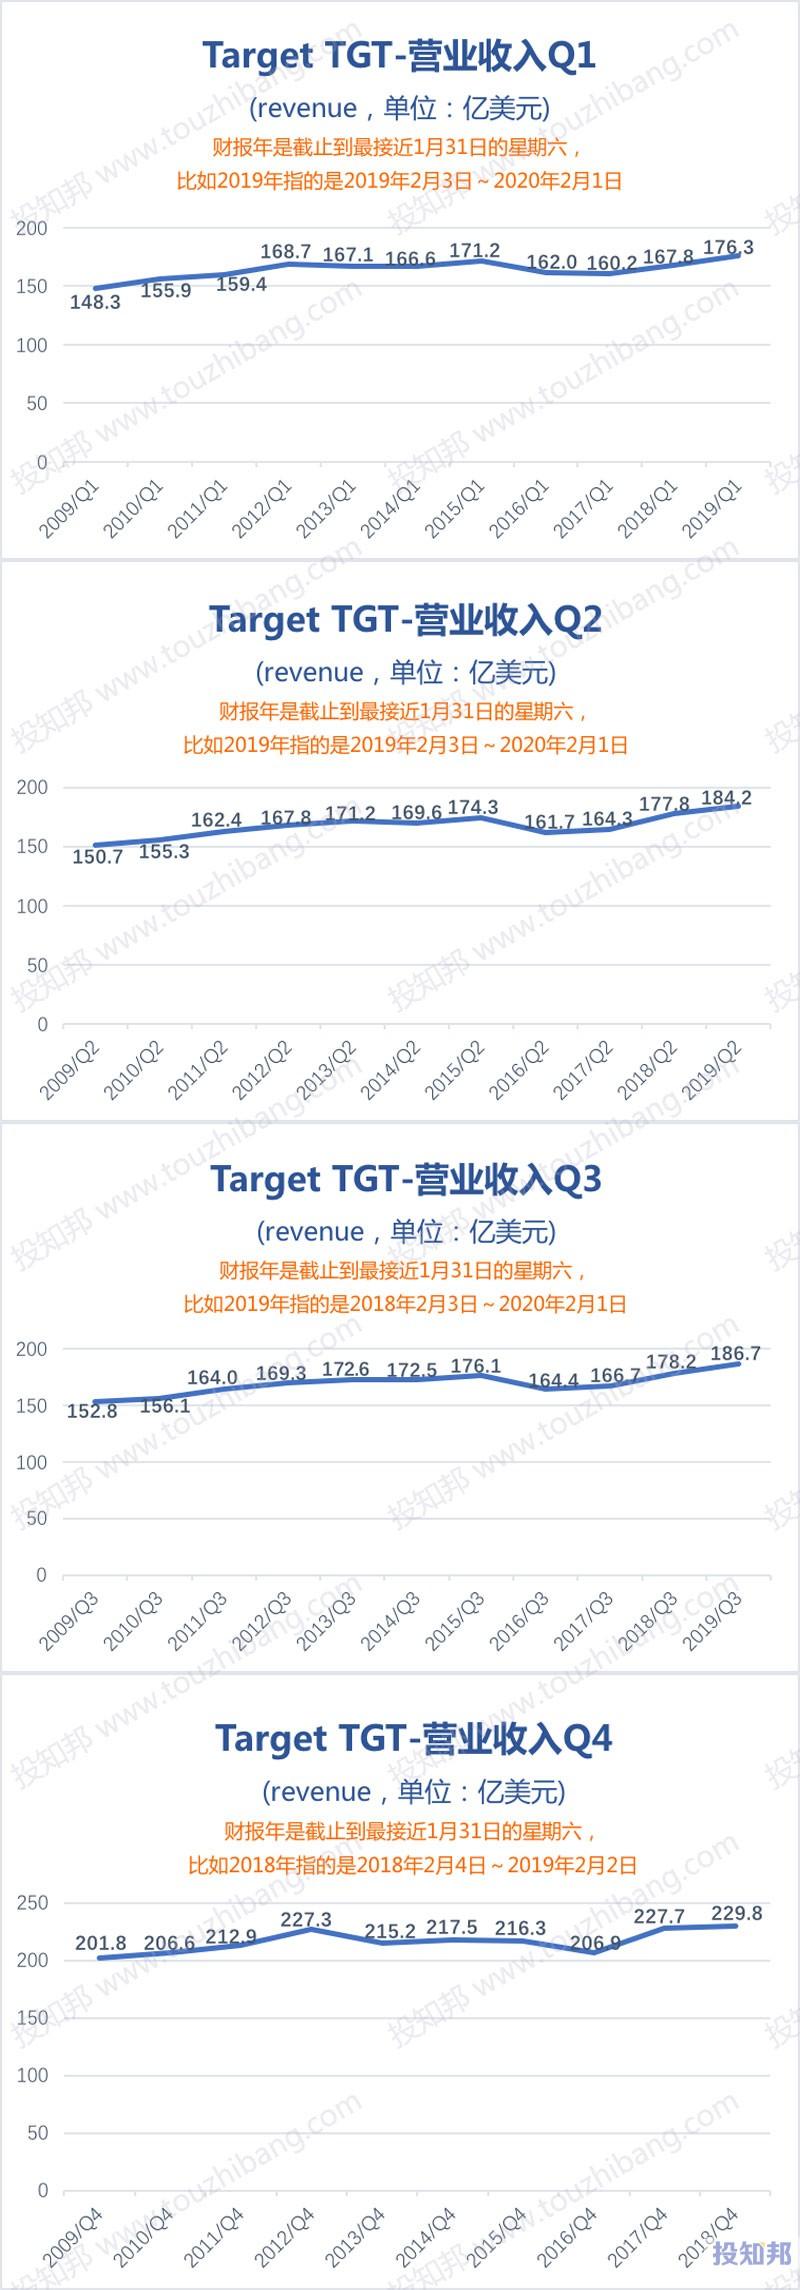 图解Target塔吉特(TGT)财报数据(2009年~2019财报年Q3)